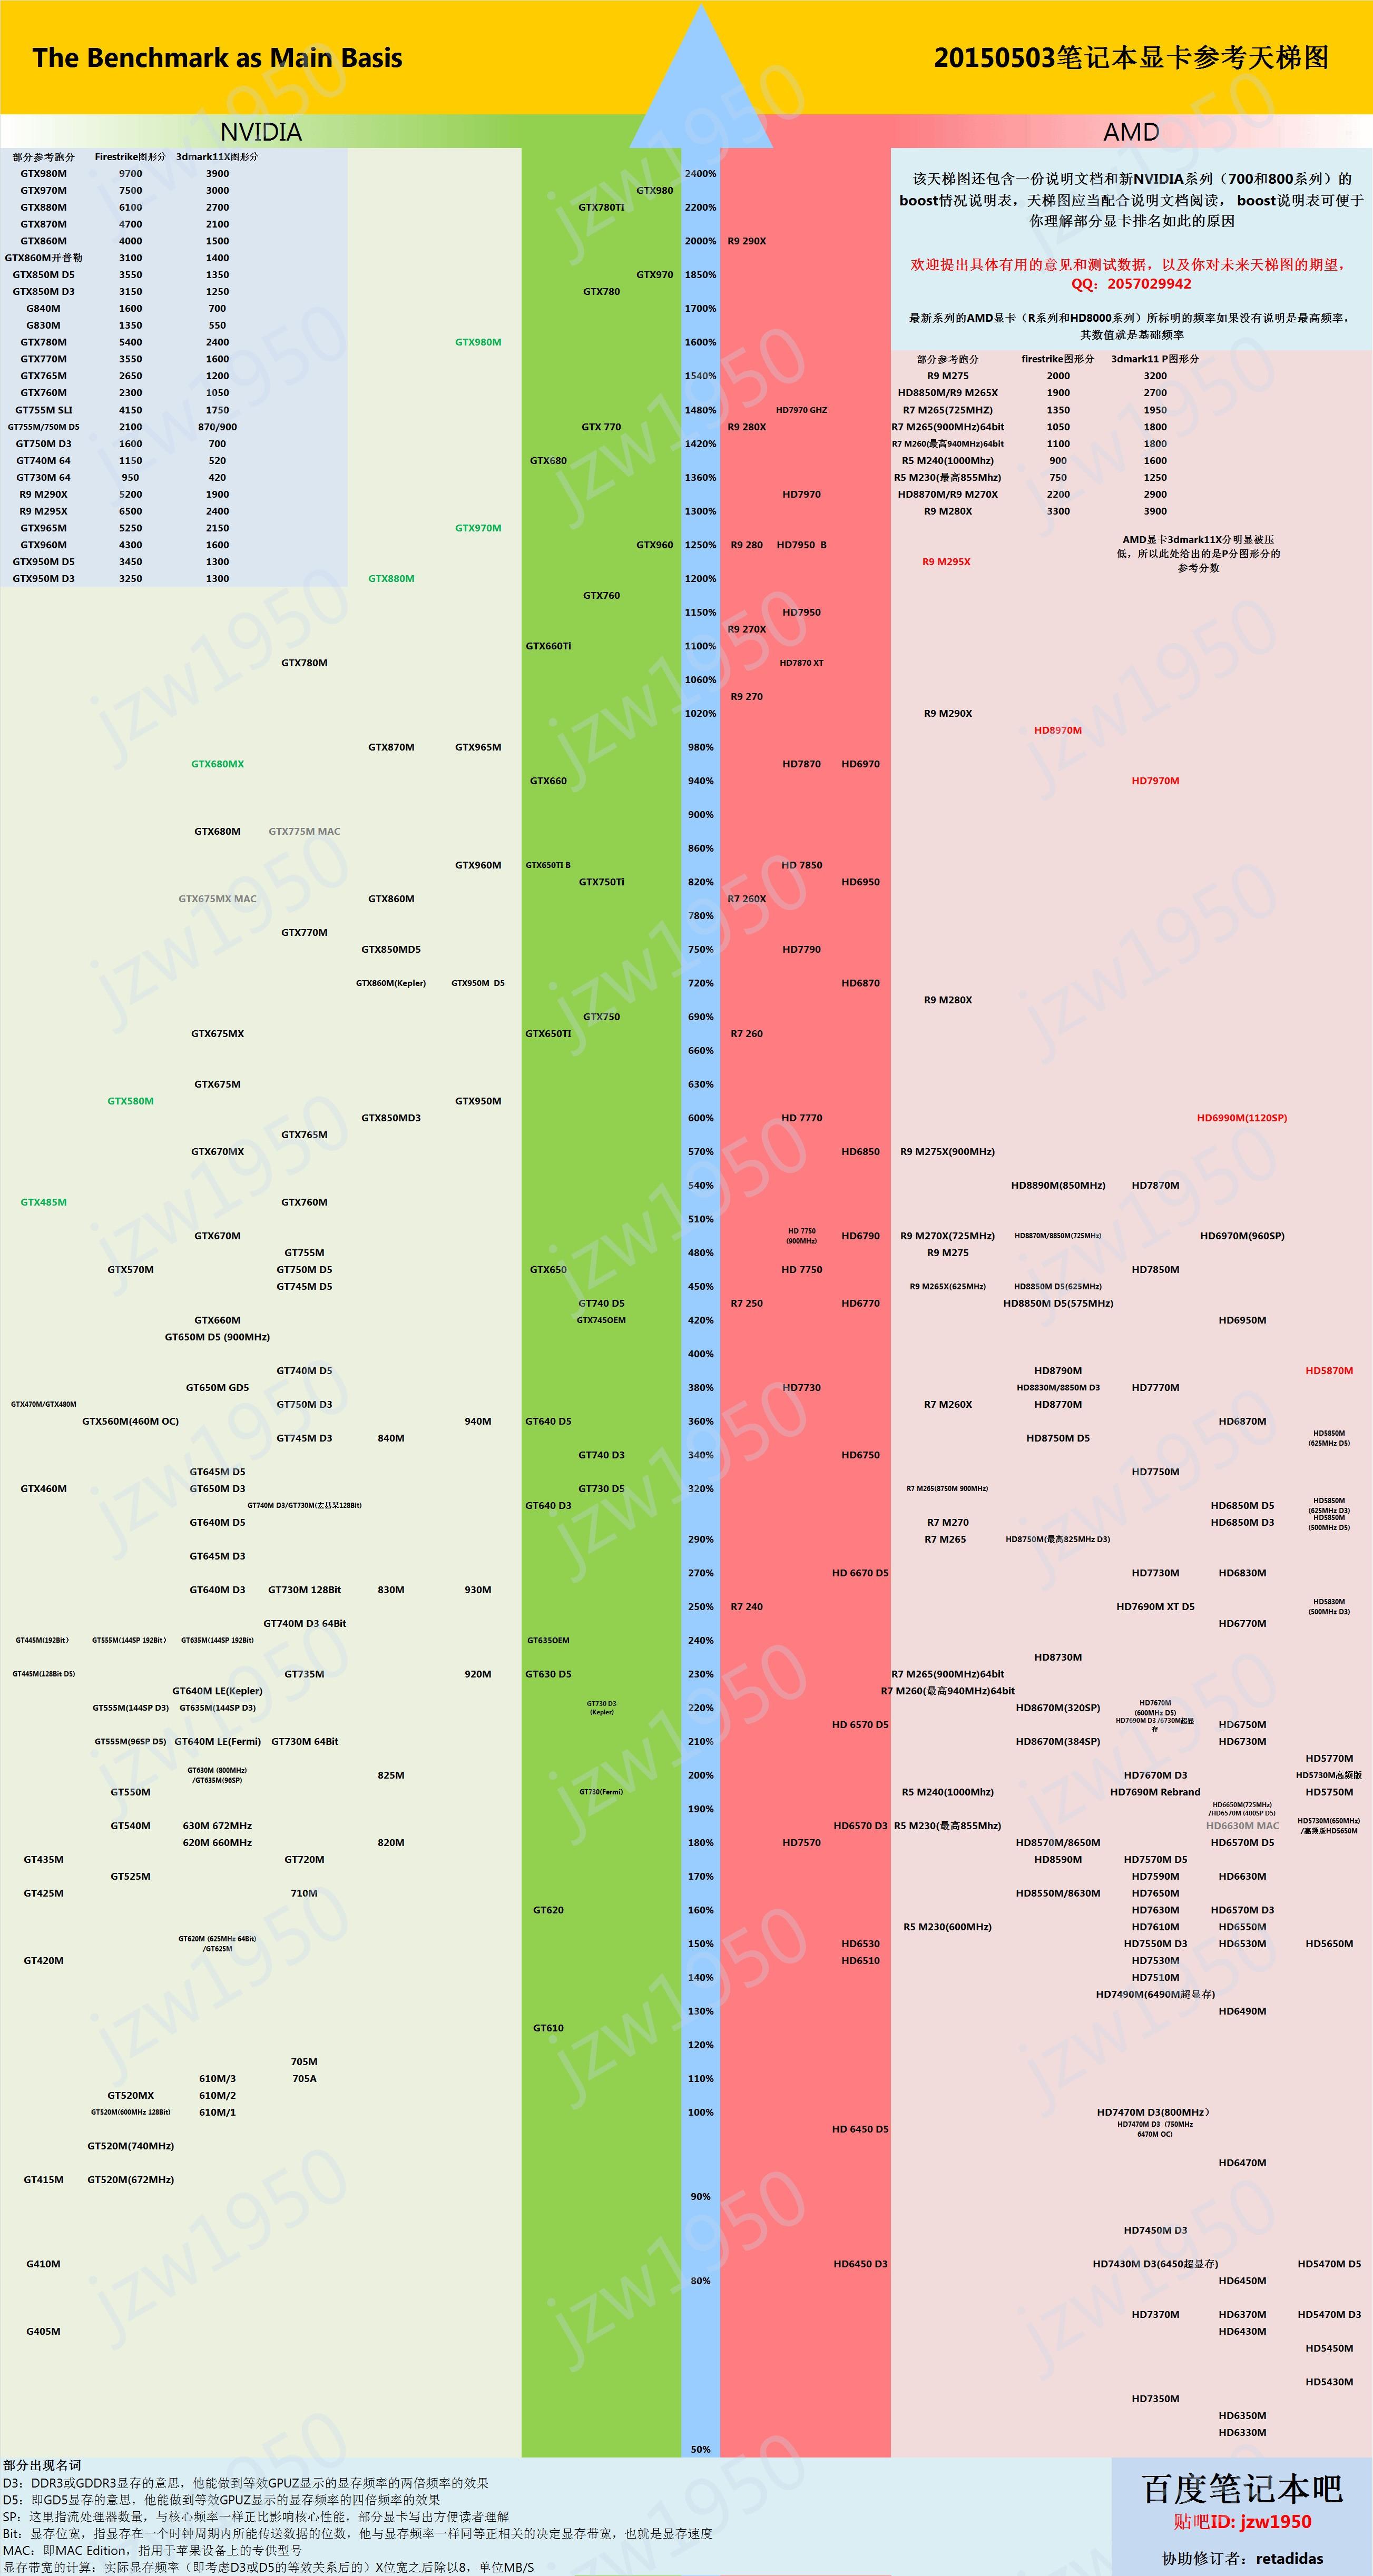 硬盘分为哪些类型?分别有什么作用? 详细答案